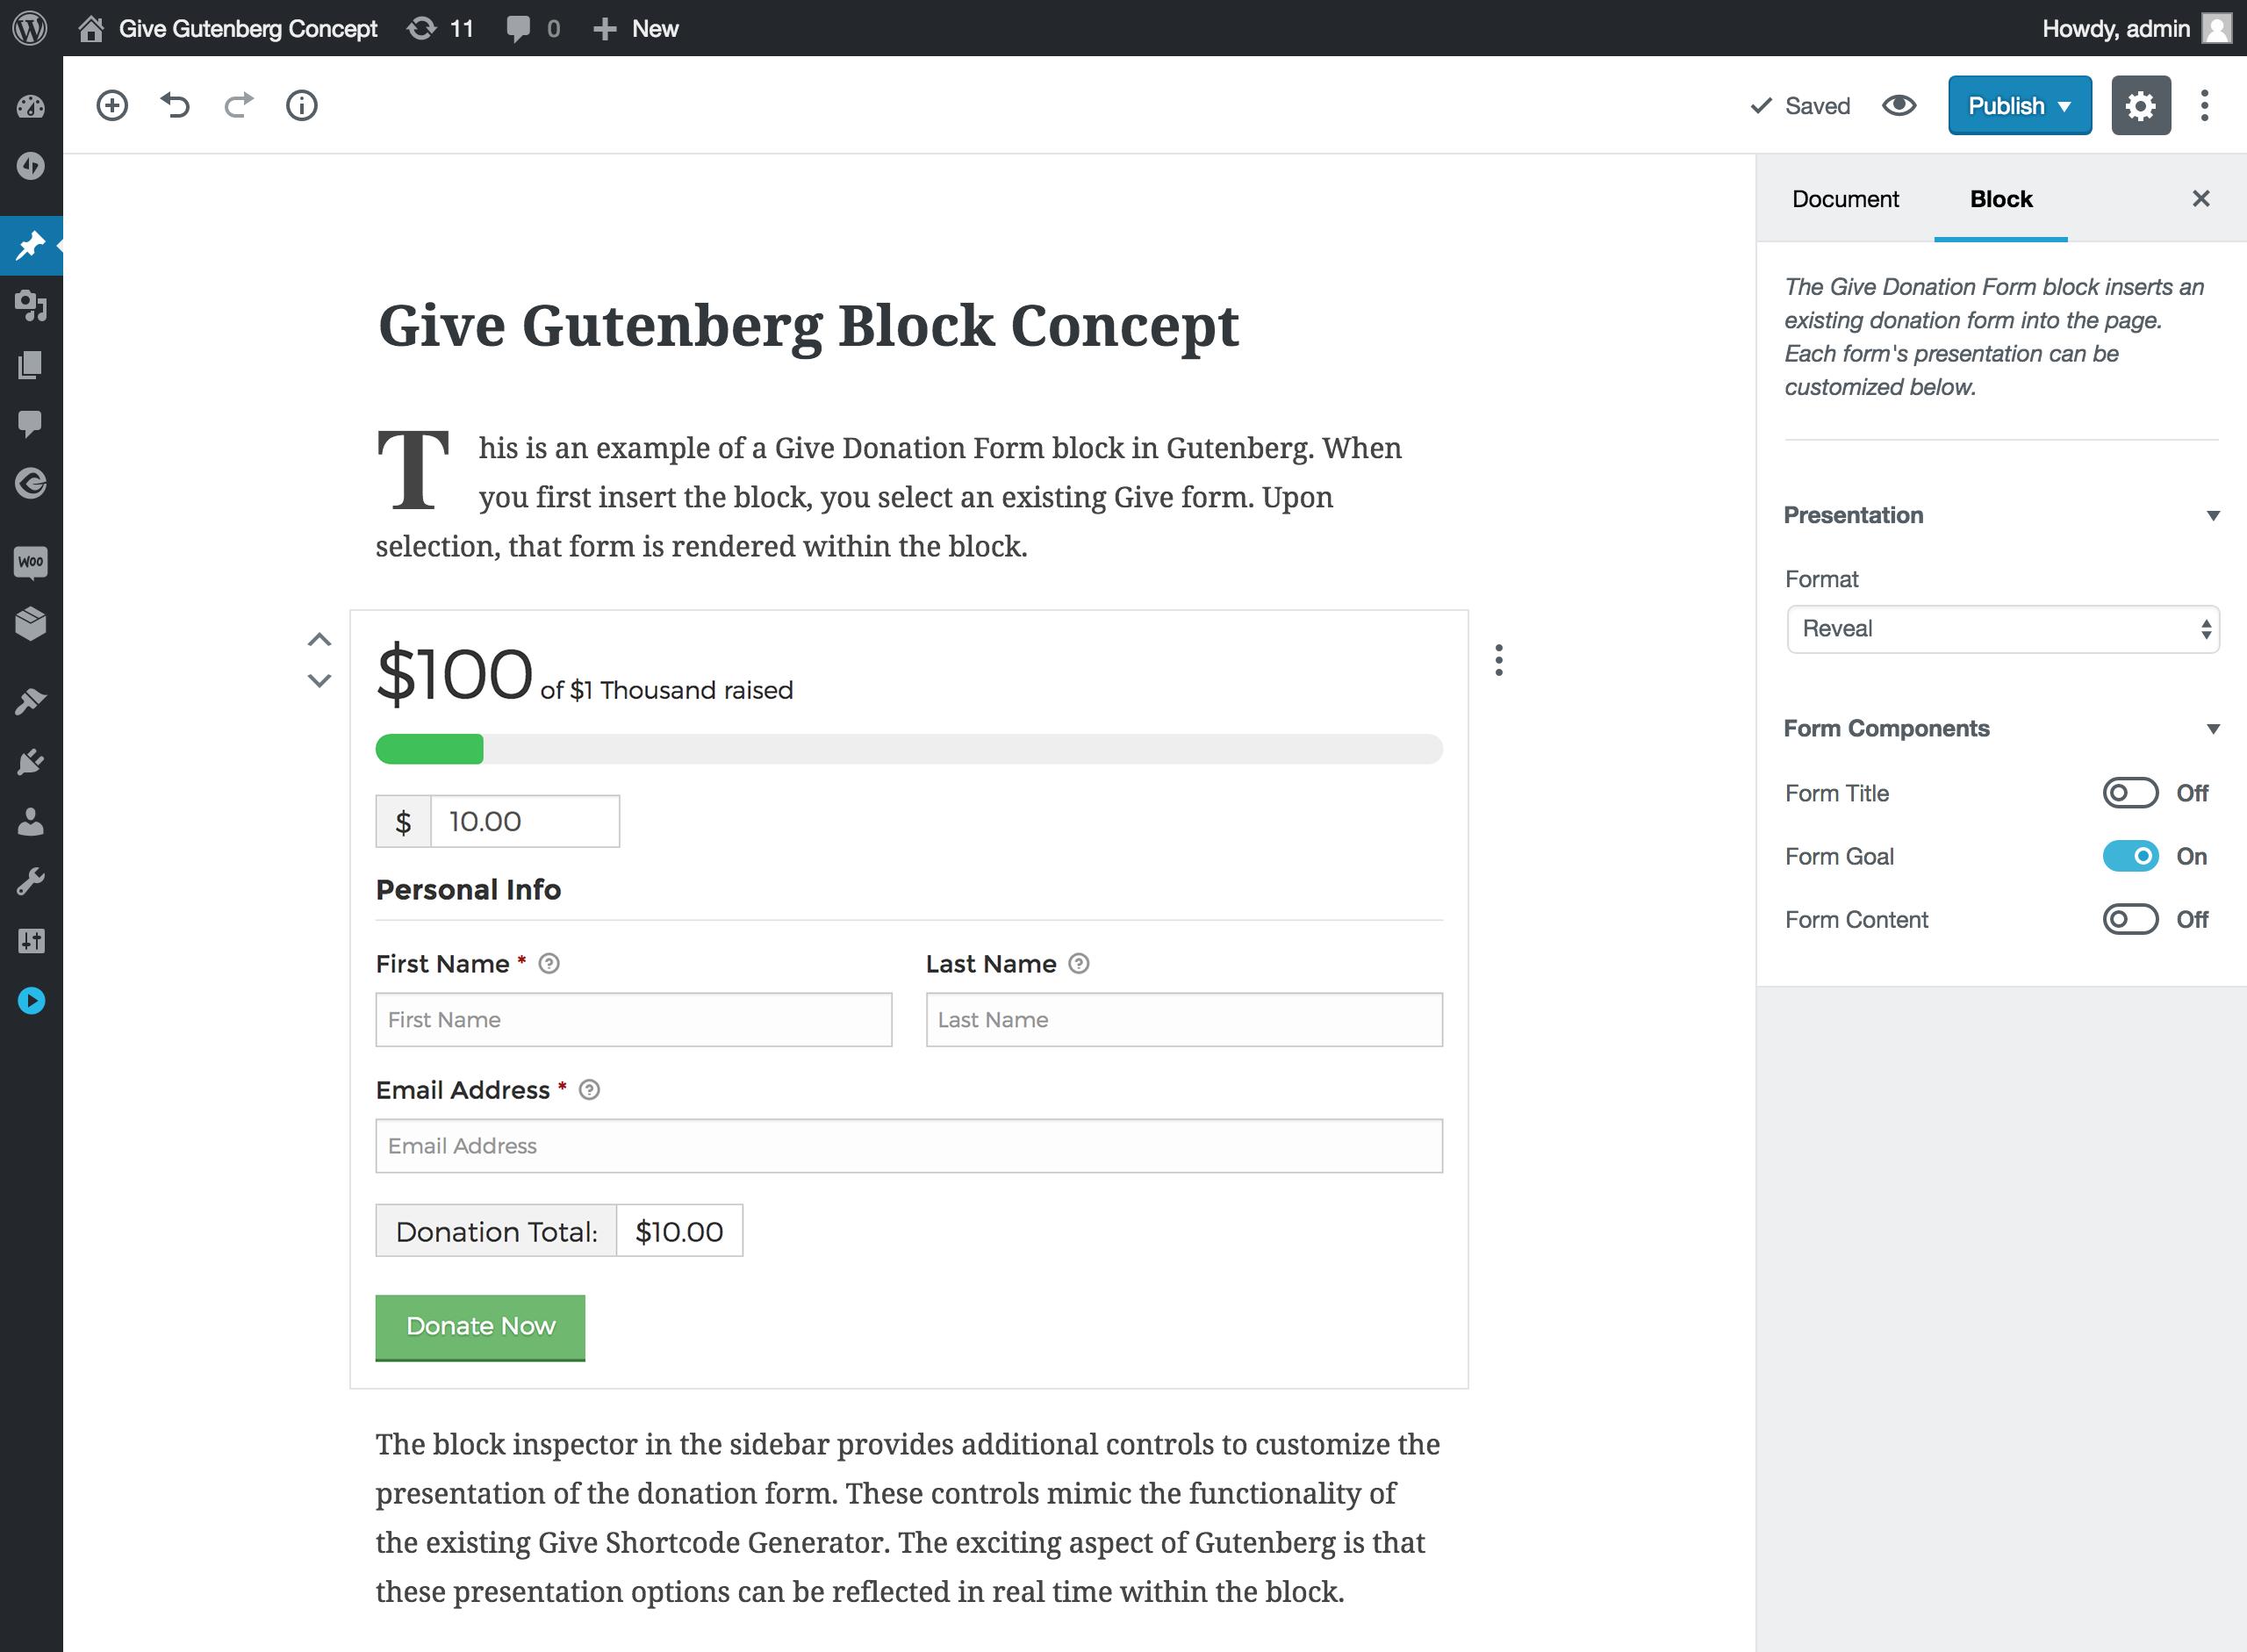 give-gutenberg-concept-v02-after-selection